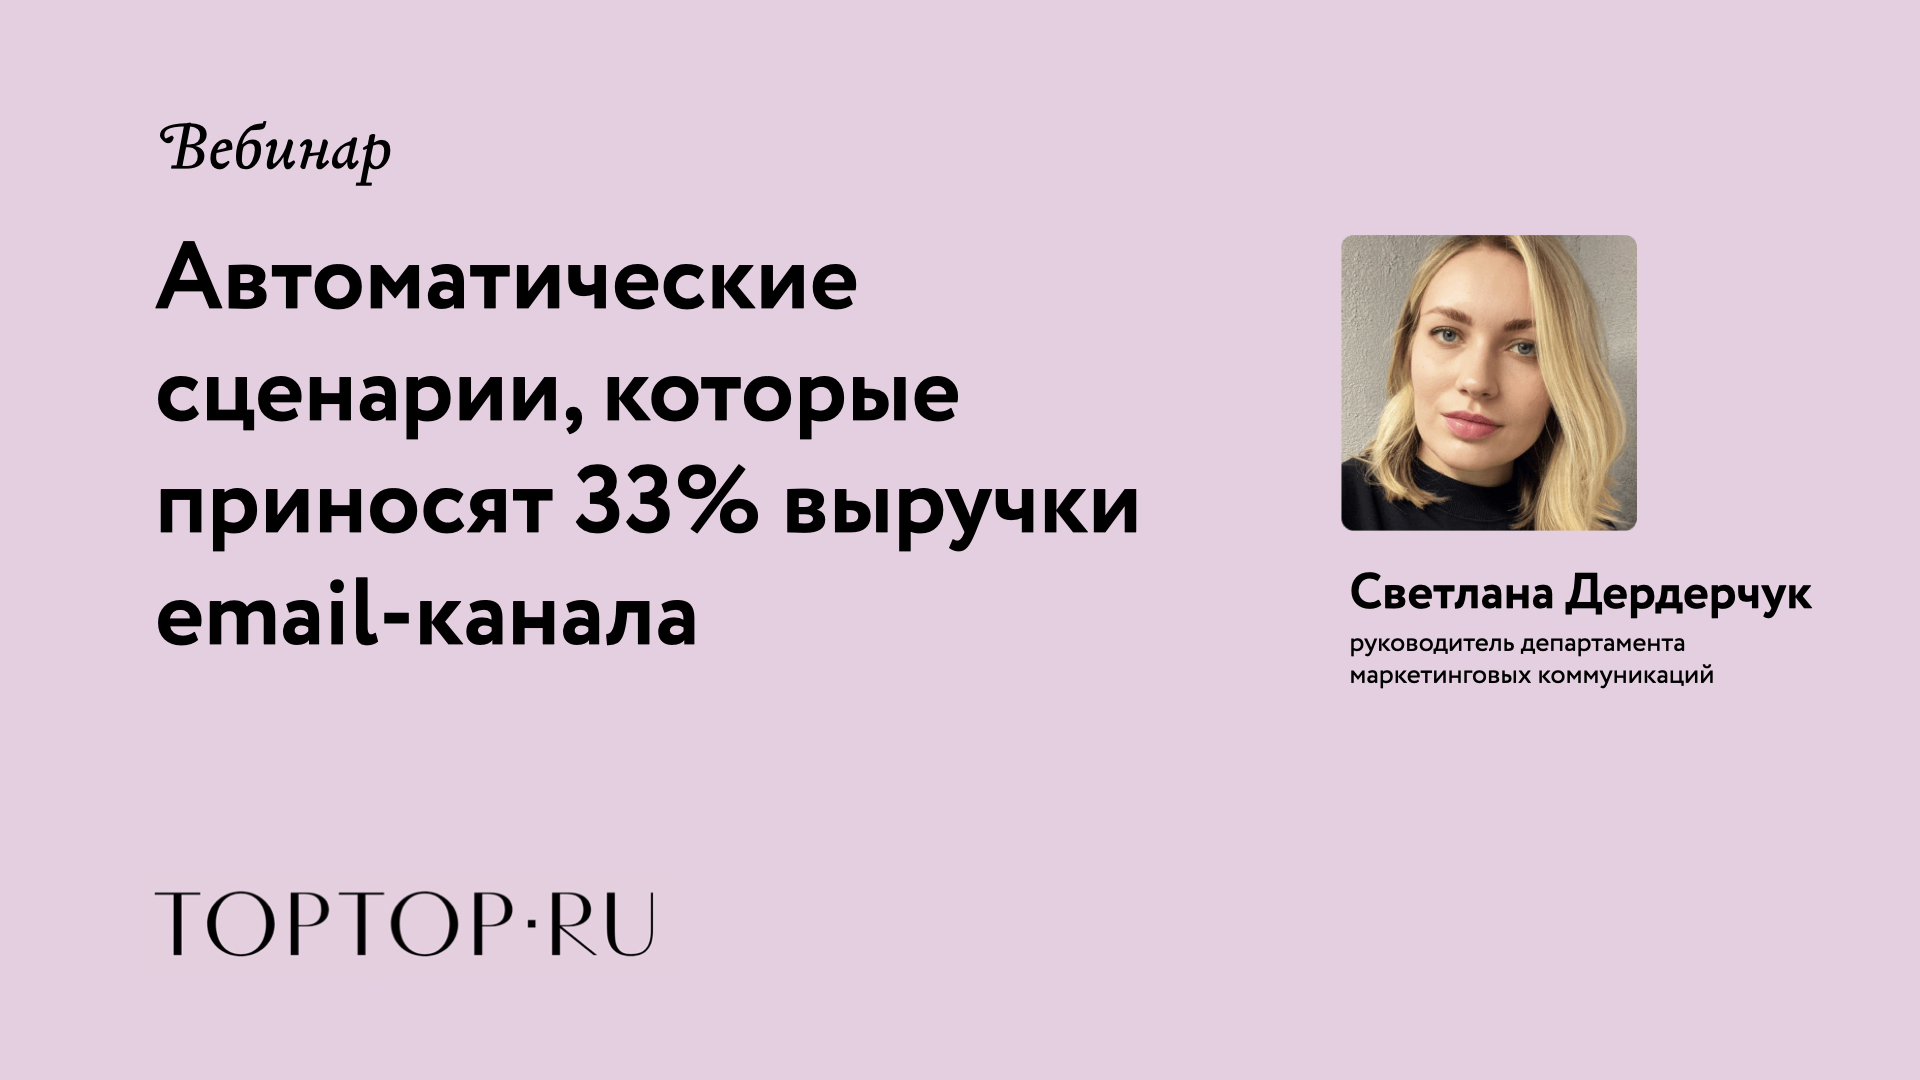 Вебинар Светланы Дердерчук, руководителя маркетинговых коммуникаций ТОРТОР.RU